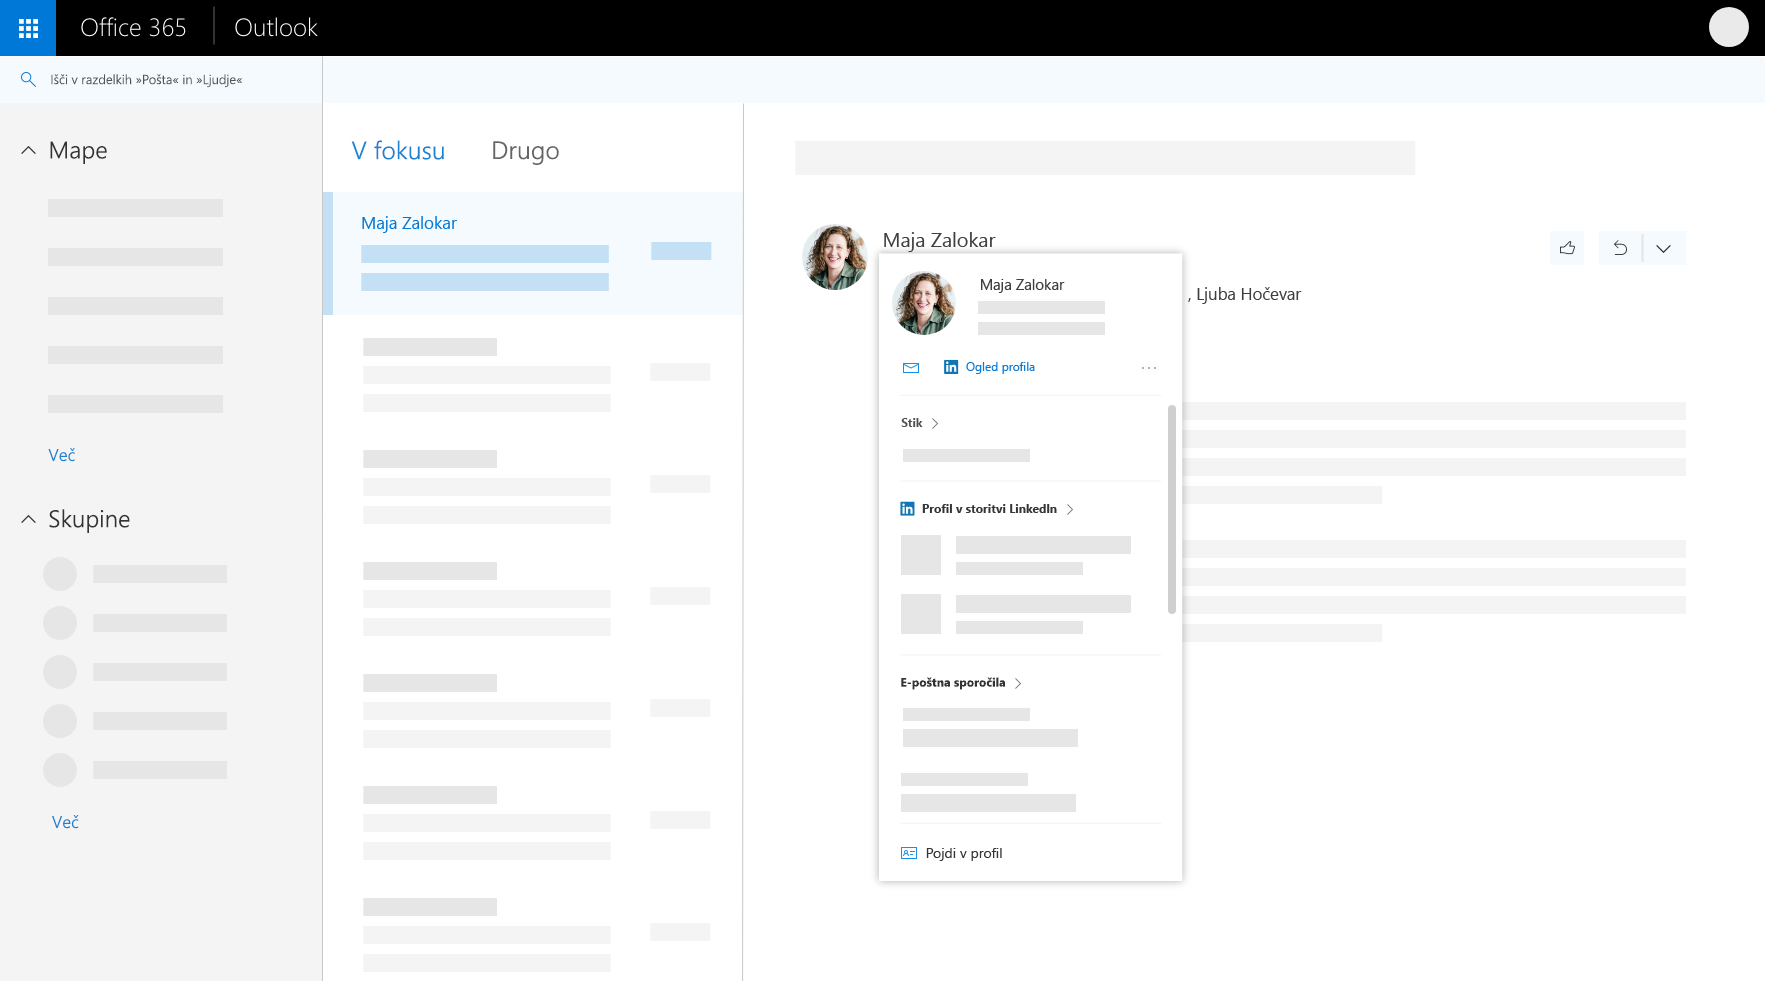 Kartico profila v Outlooku v spletu